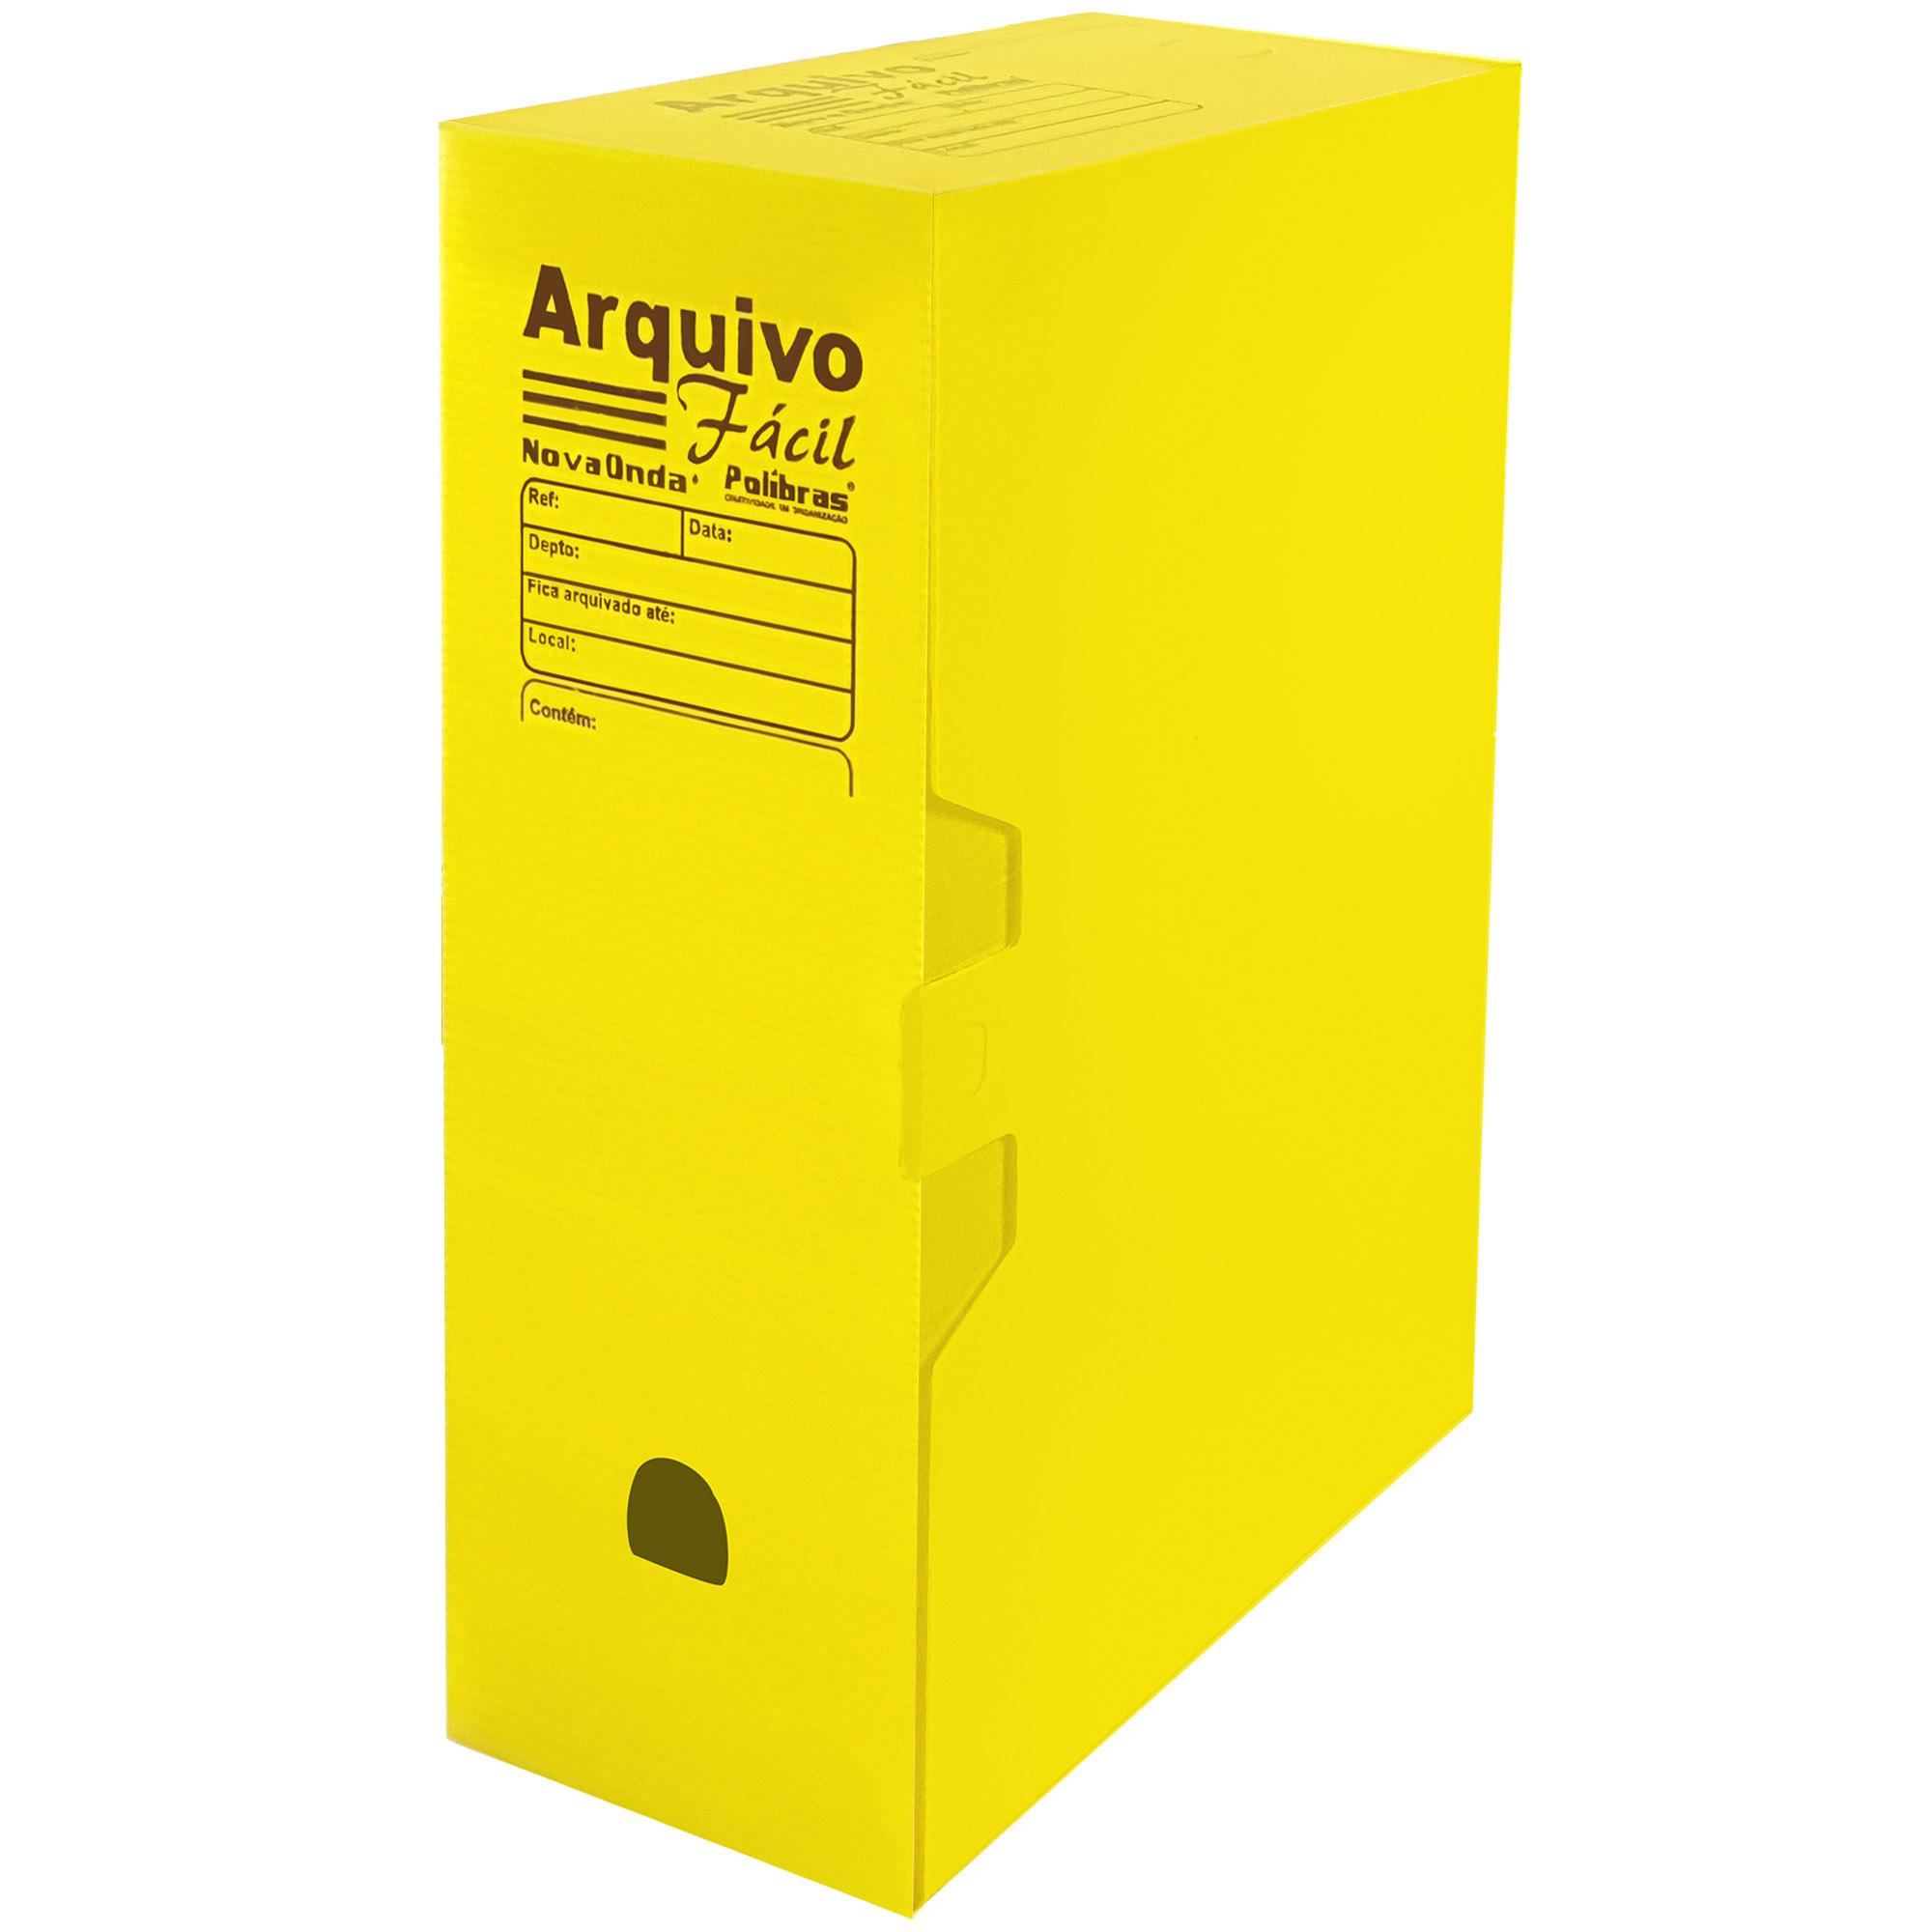 Caixa Arquivo Morto Facil (250x130x350) Cor Amarelo - Polibras